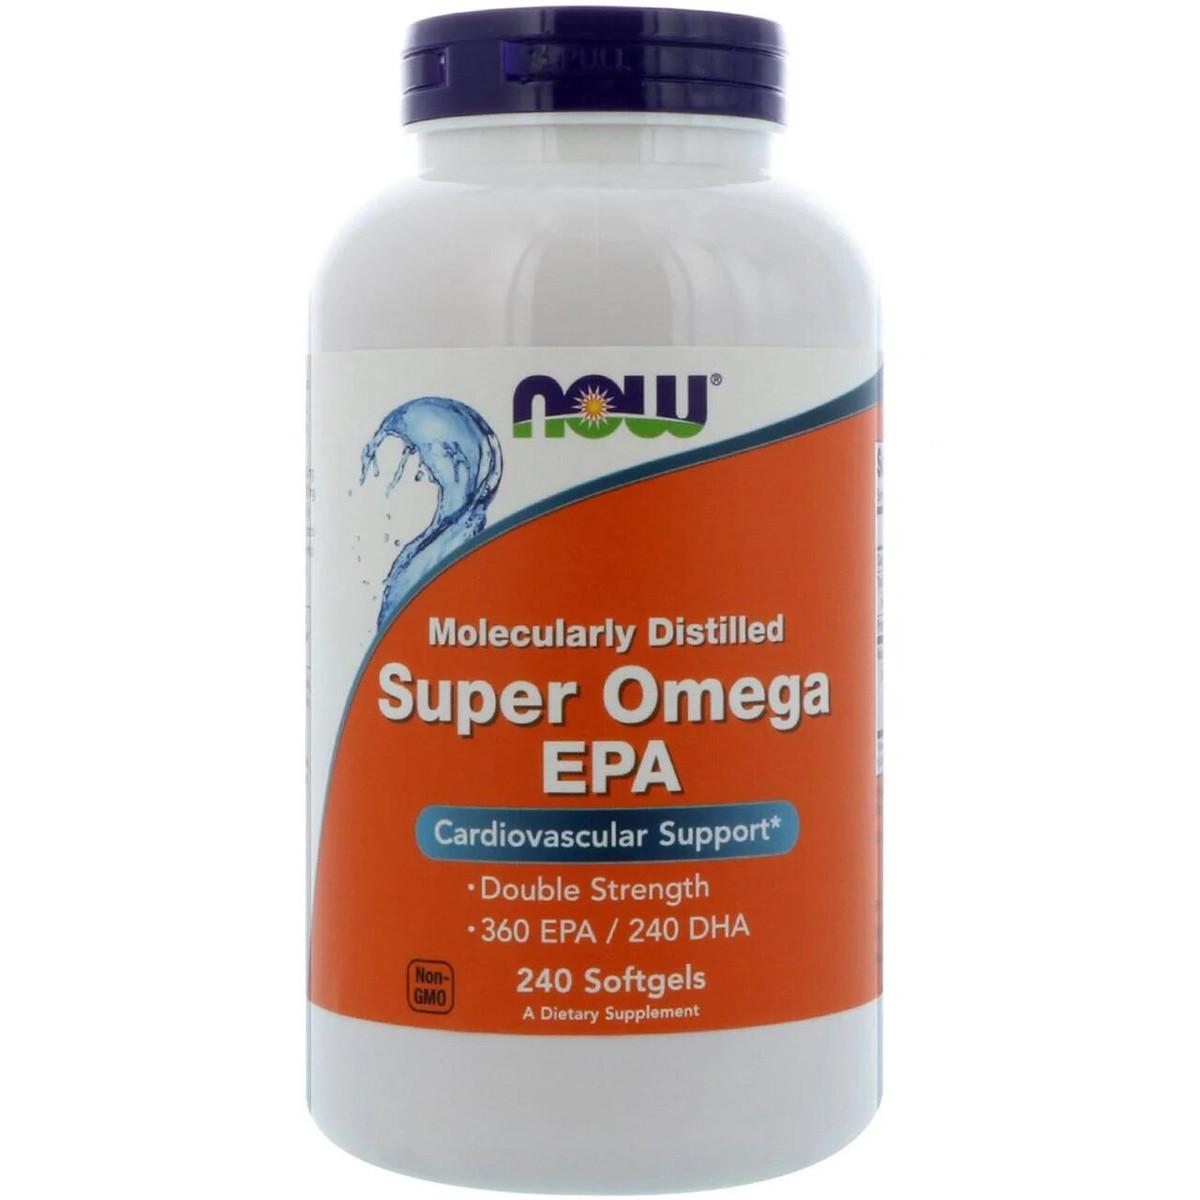 Супер Омега ЭПК (ейкозапентаиновая кислота) 1200мг, Now Foods, 240 желатиновых капсул